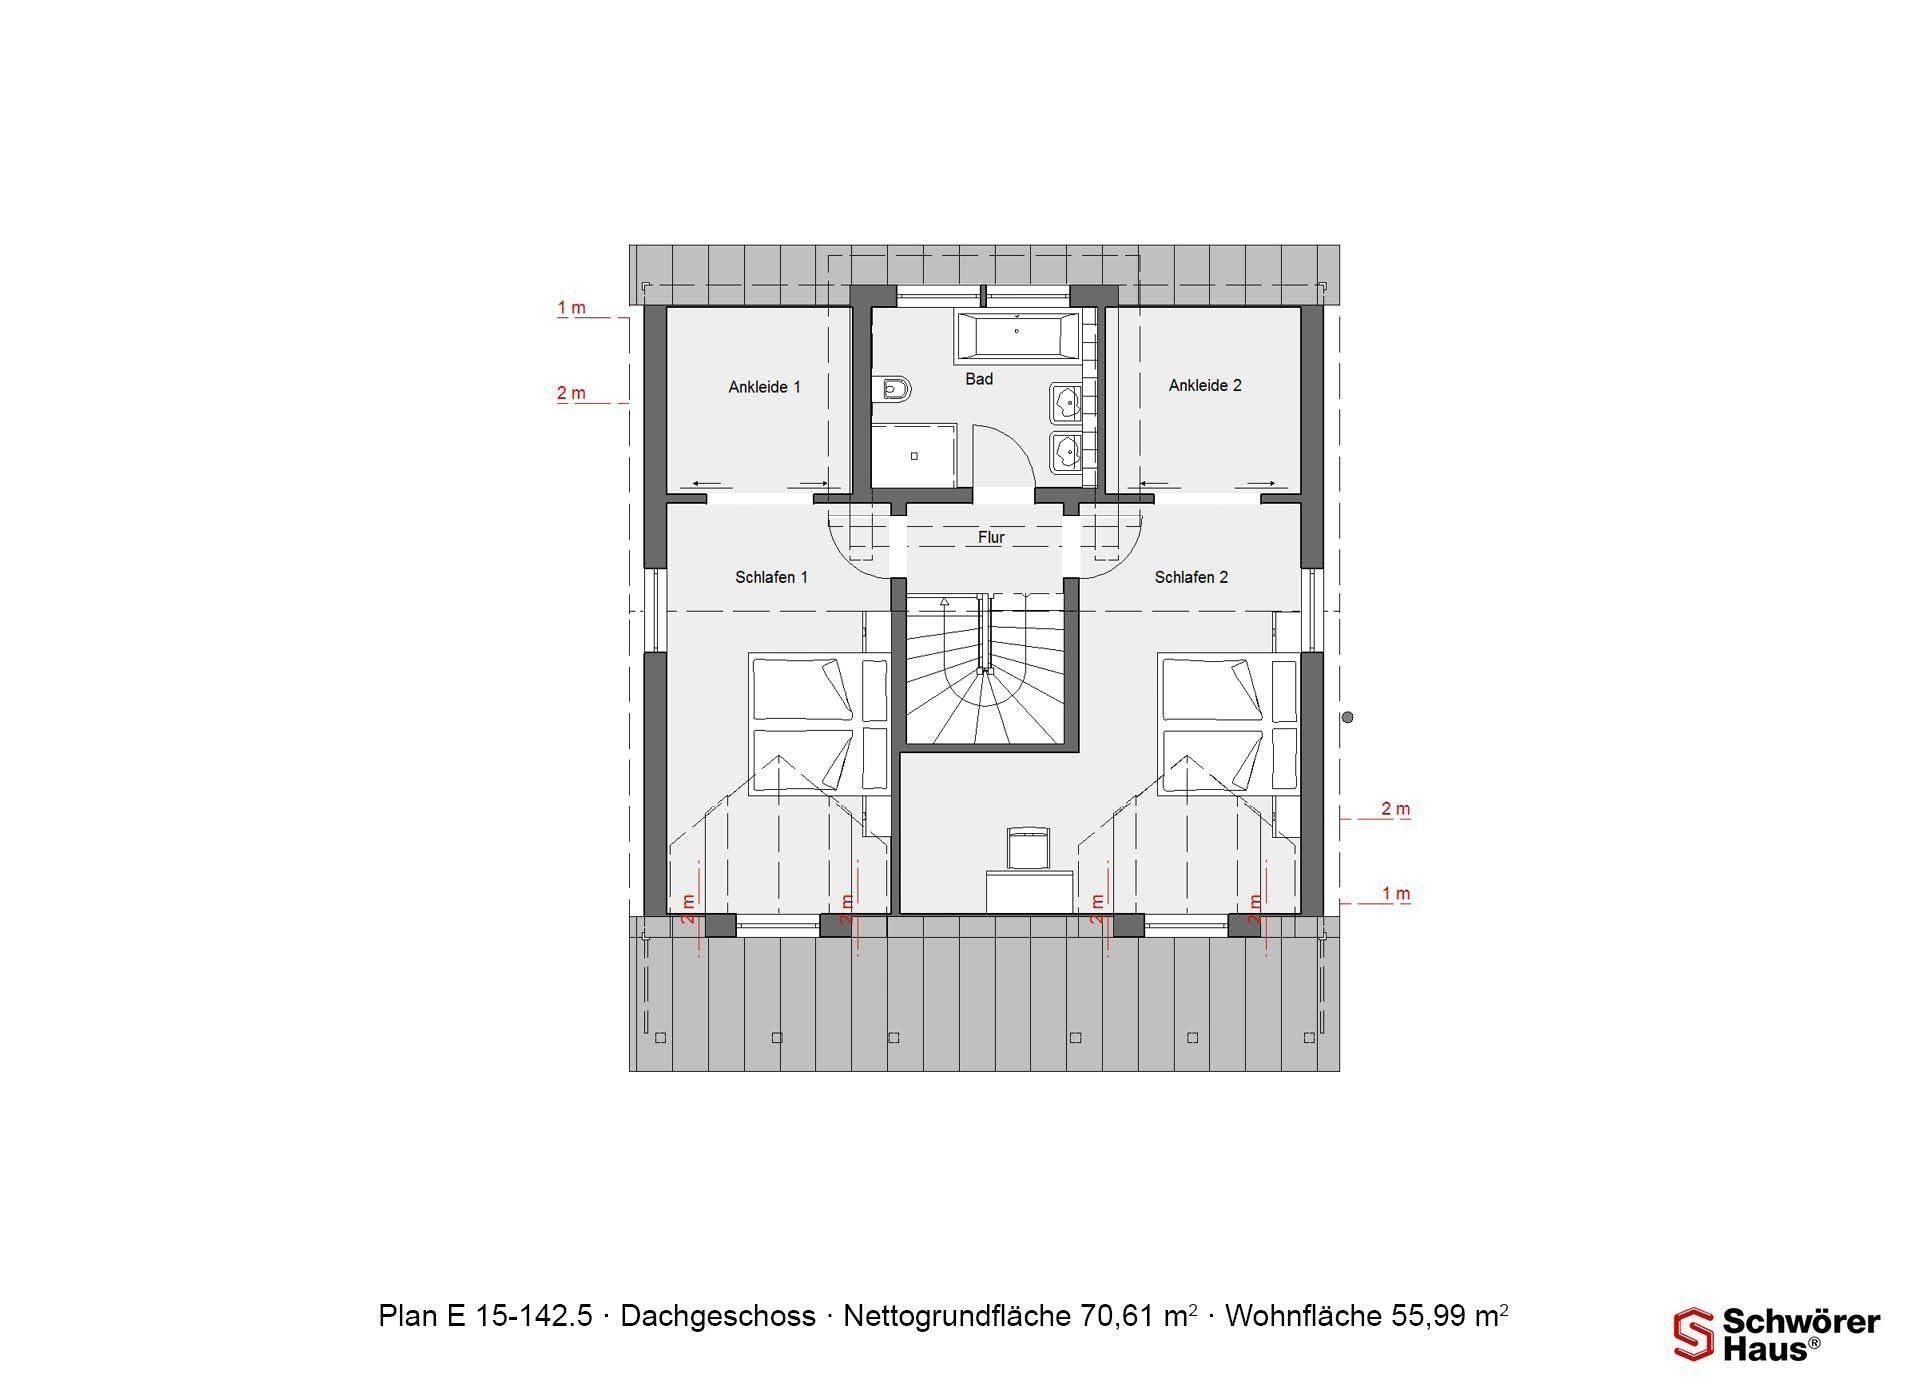 Plan E 15-123.2 - Eine Nahaufnahme eines Geräts - Gebäudeplan